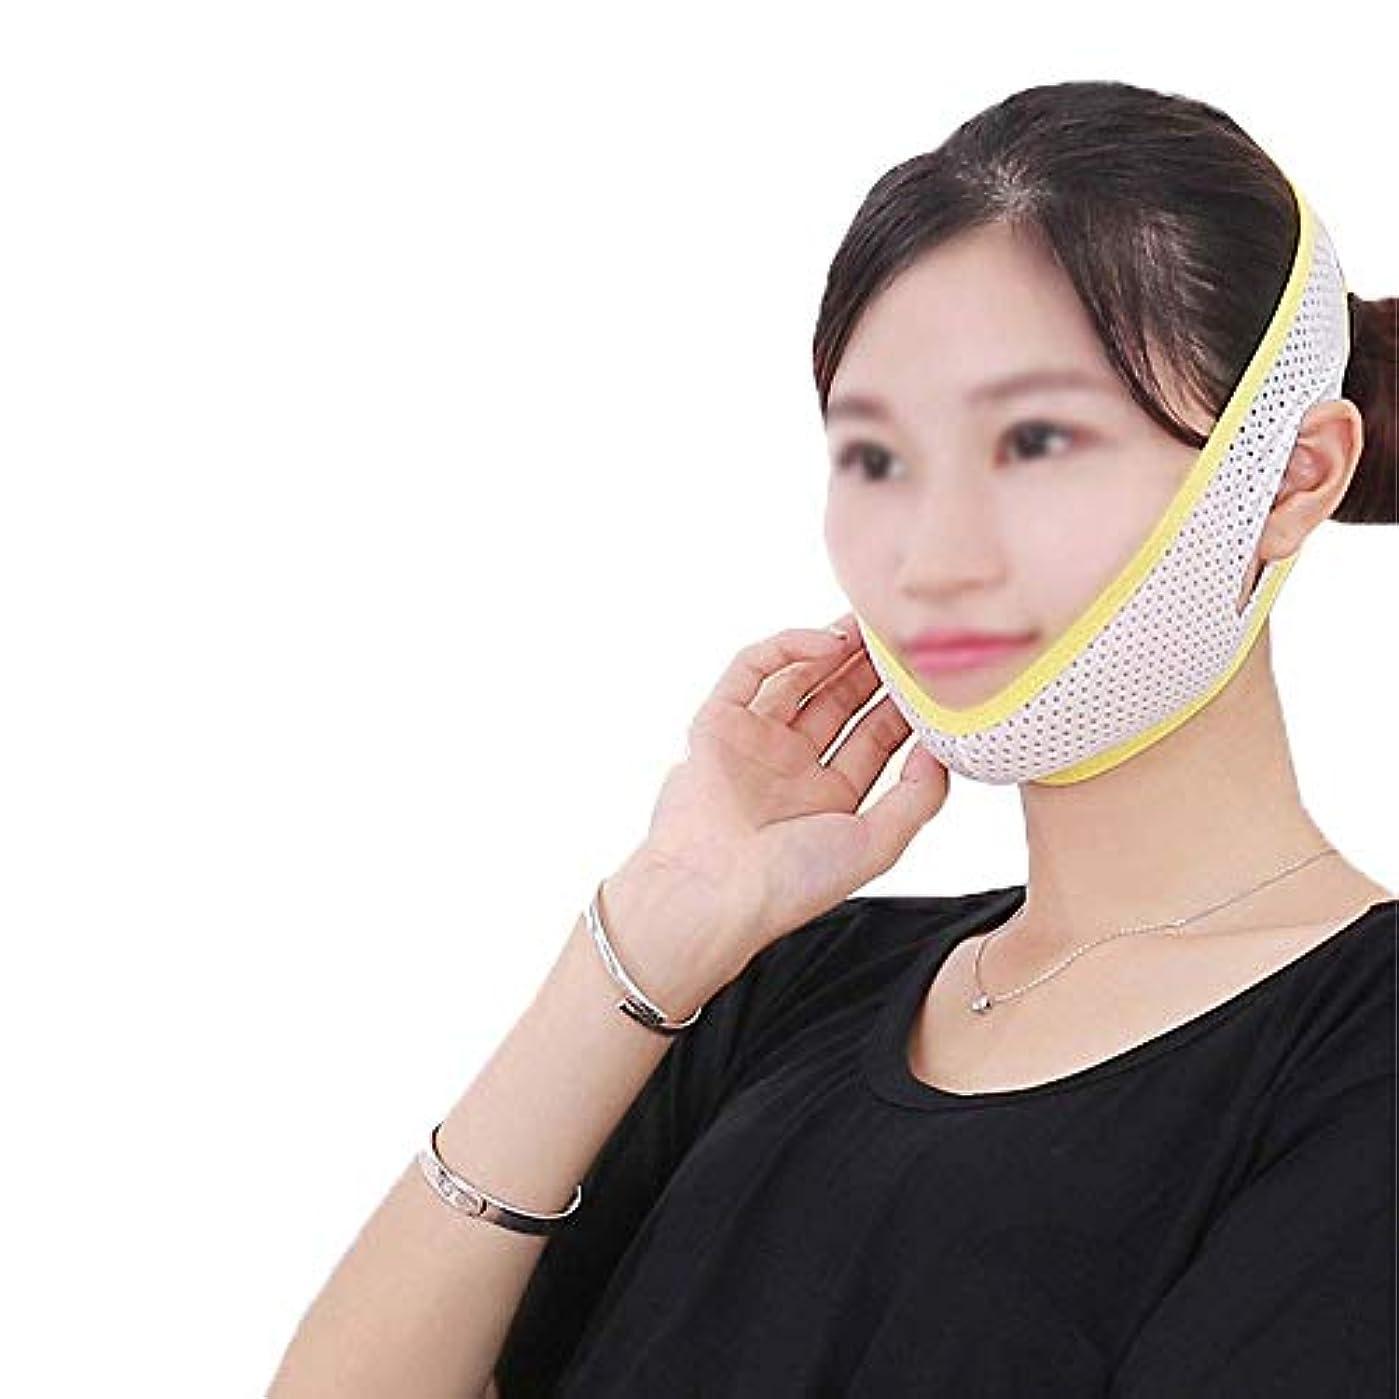 口頭補助枯渇フェイス&ネックリフト、フェイスリフトマスク強力なフェイスリフティングツールファーミング&リフティングスキニーフェイスマスクアーティファクトフェイスリフティング包帯フェイスリフティングデバイス(サイズ:L),M